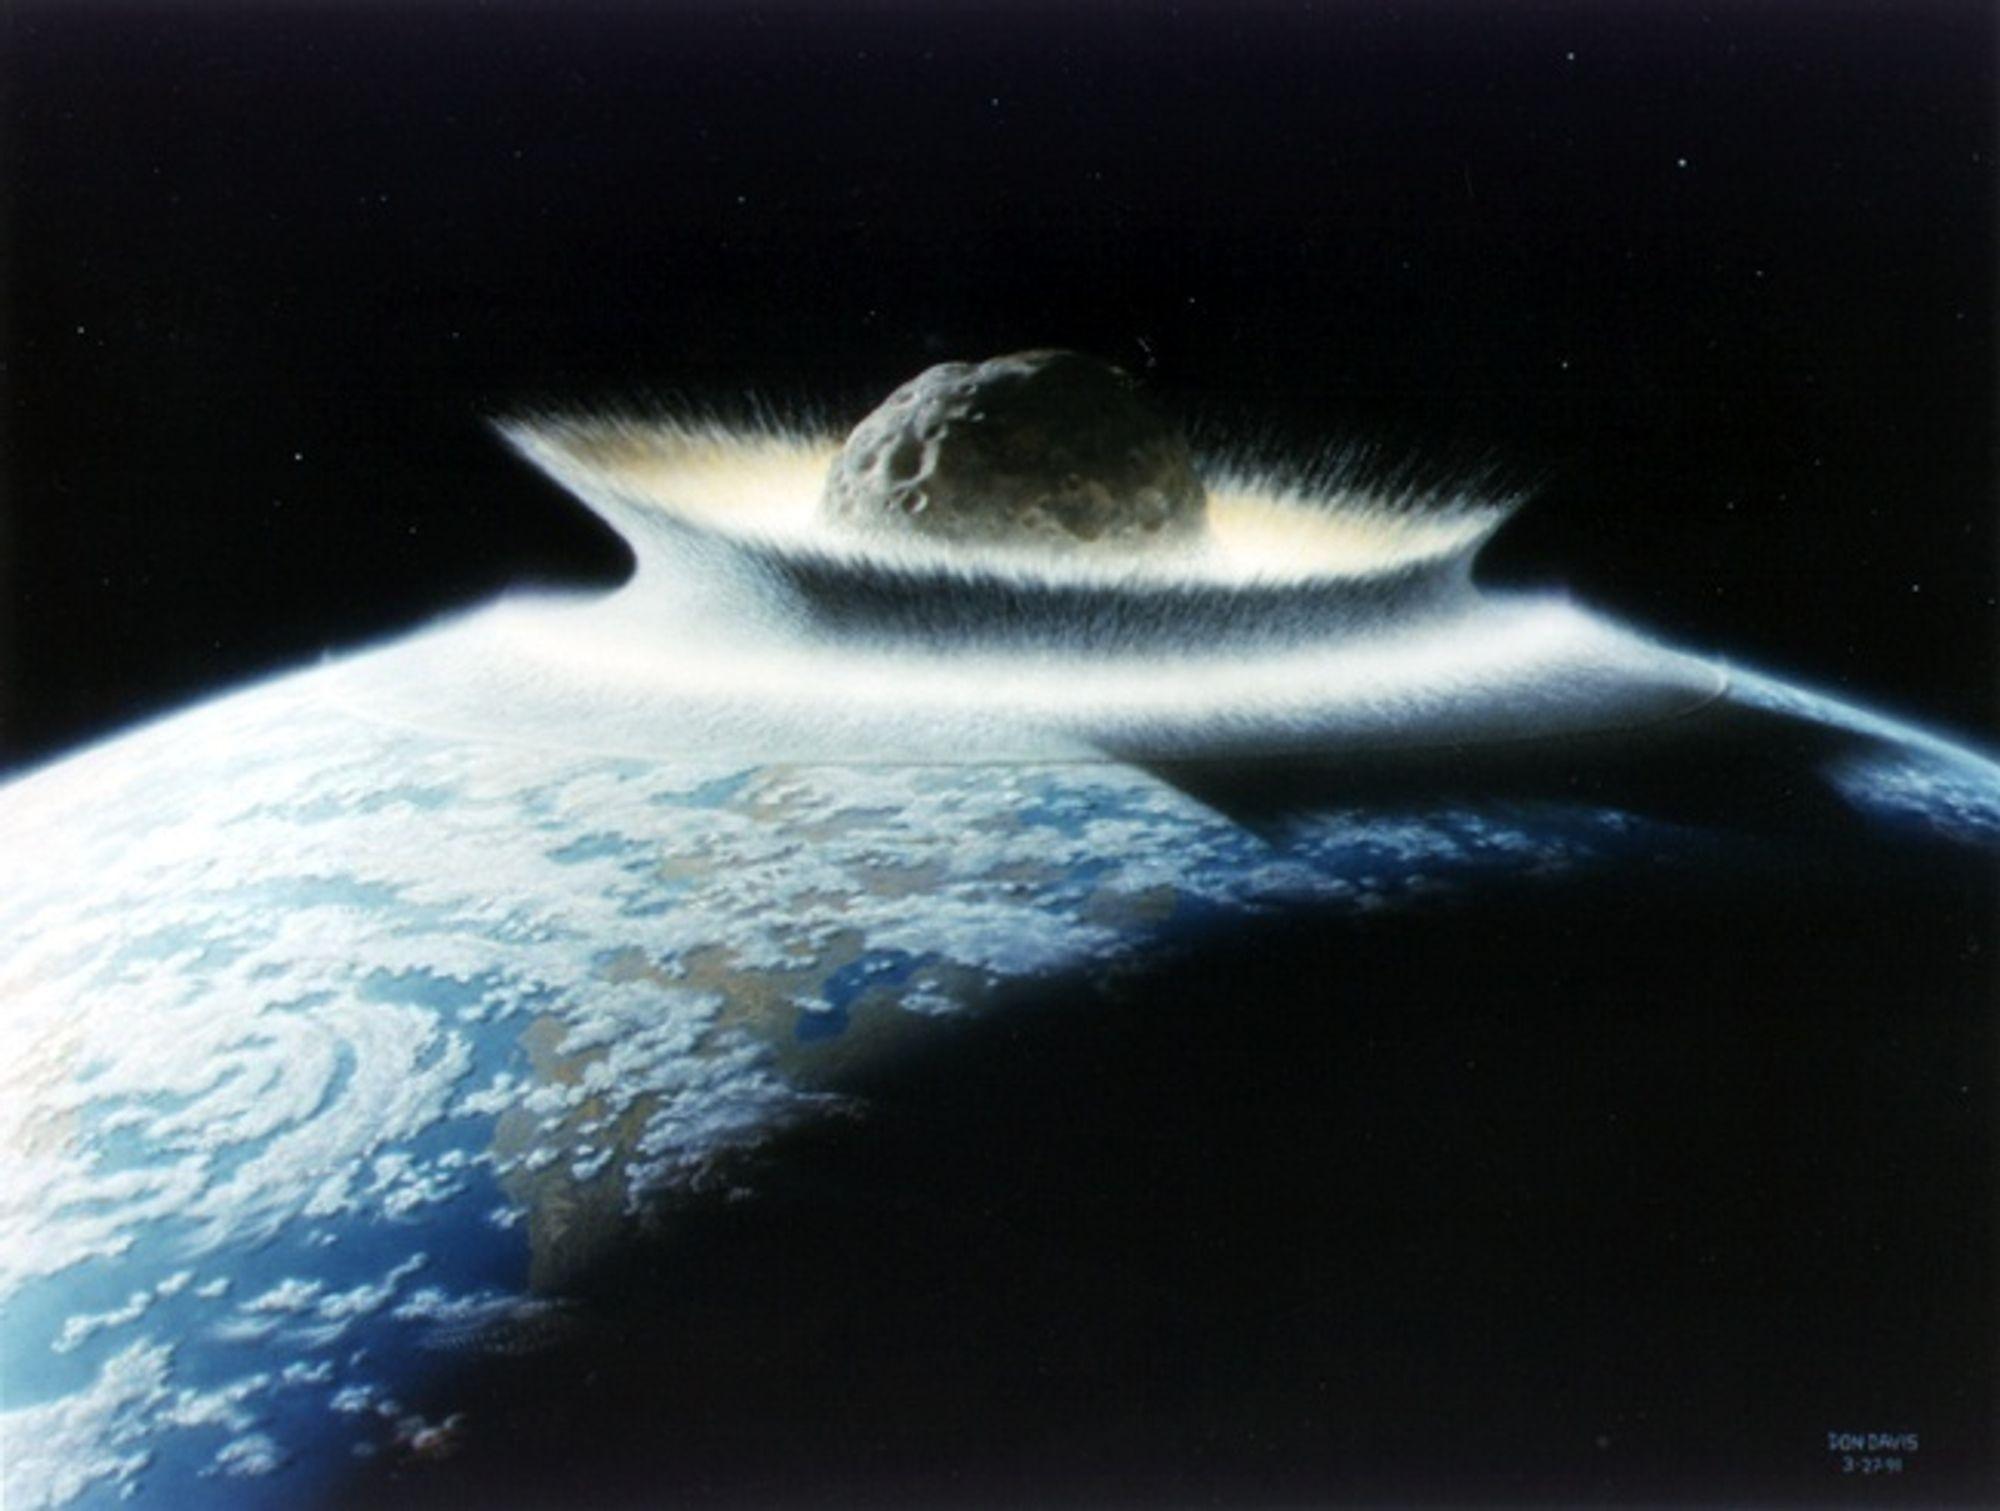 EFFEKTIV STERILISERING: Dersom en asteroide med en diameter på 500 km hadde truffet Jorden, ville de ha sett omtrent slik ut - og hele kloden ville blitt sterilisert. Heldigvis er det ingen asteroider av slik størrelse som truer vår eksistens i dag.